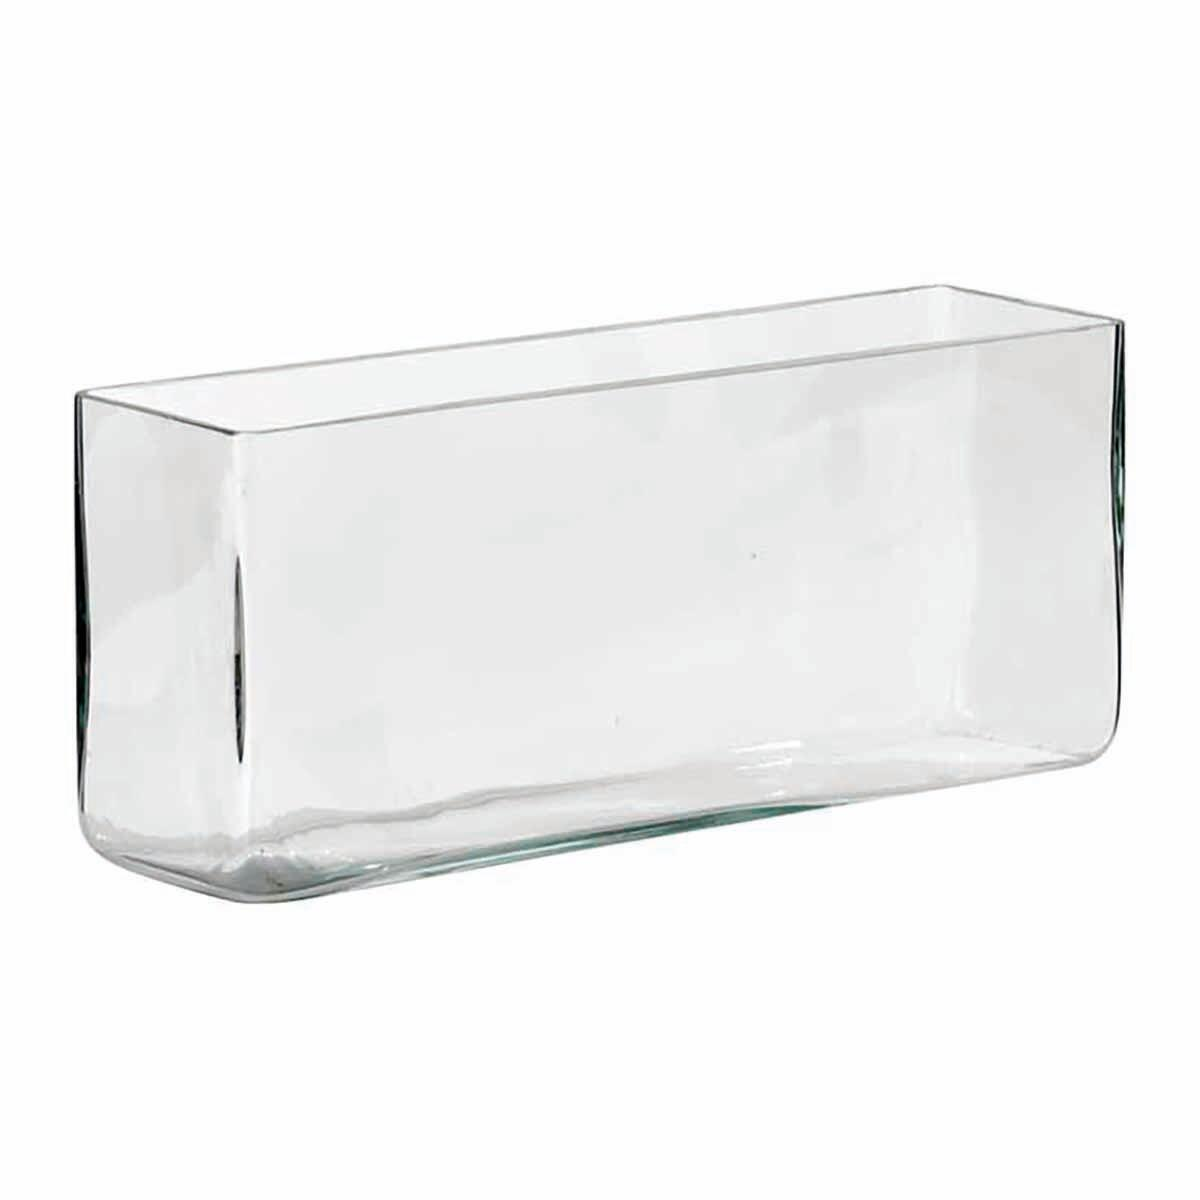 Vaso in vetro L 30 x H 30 cm